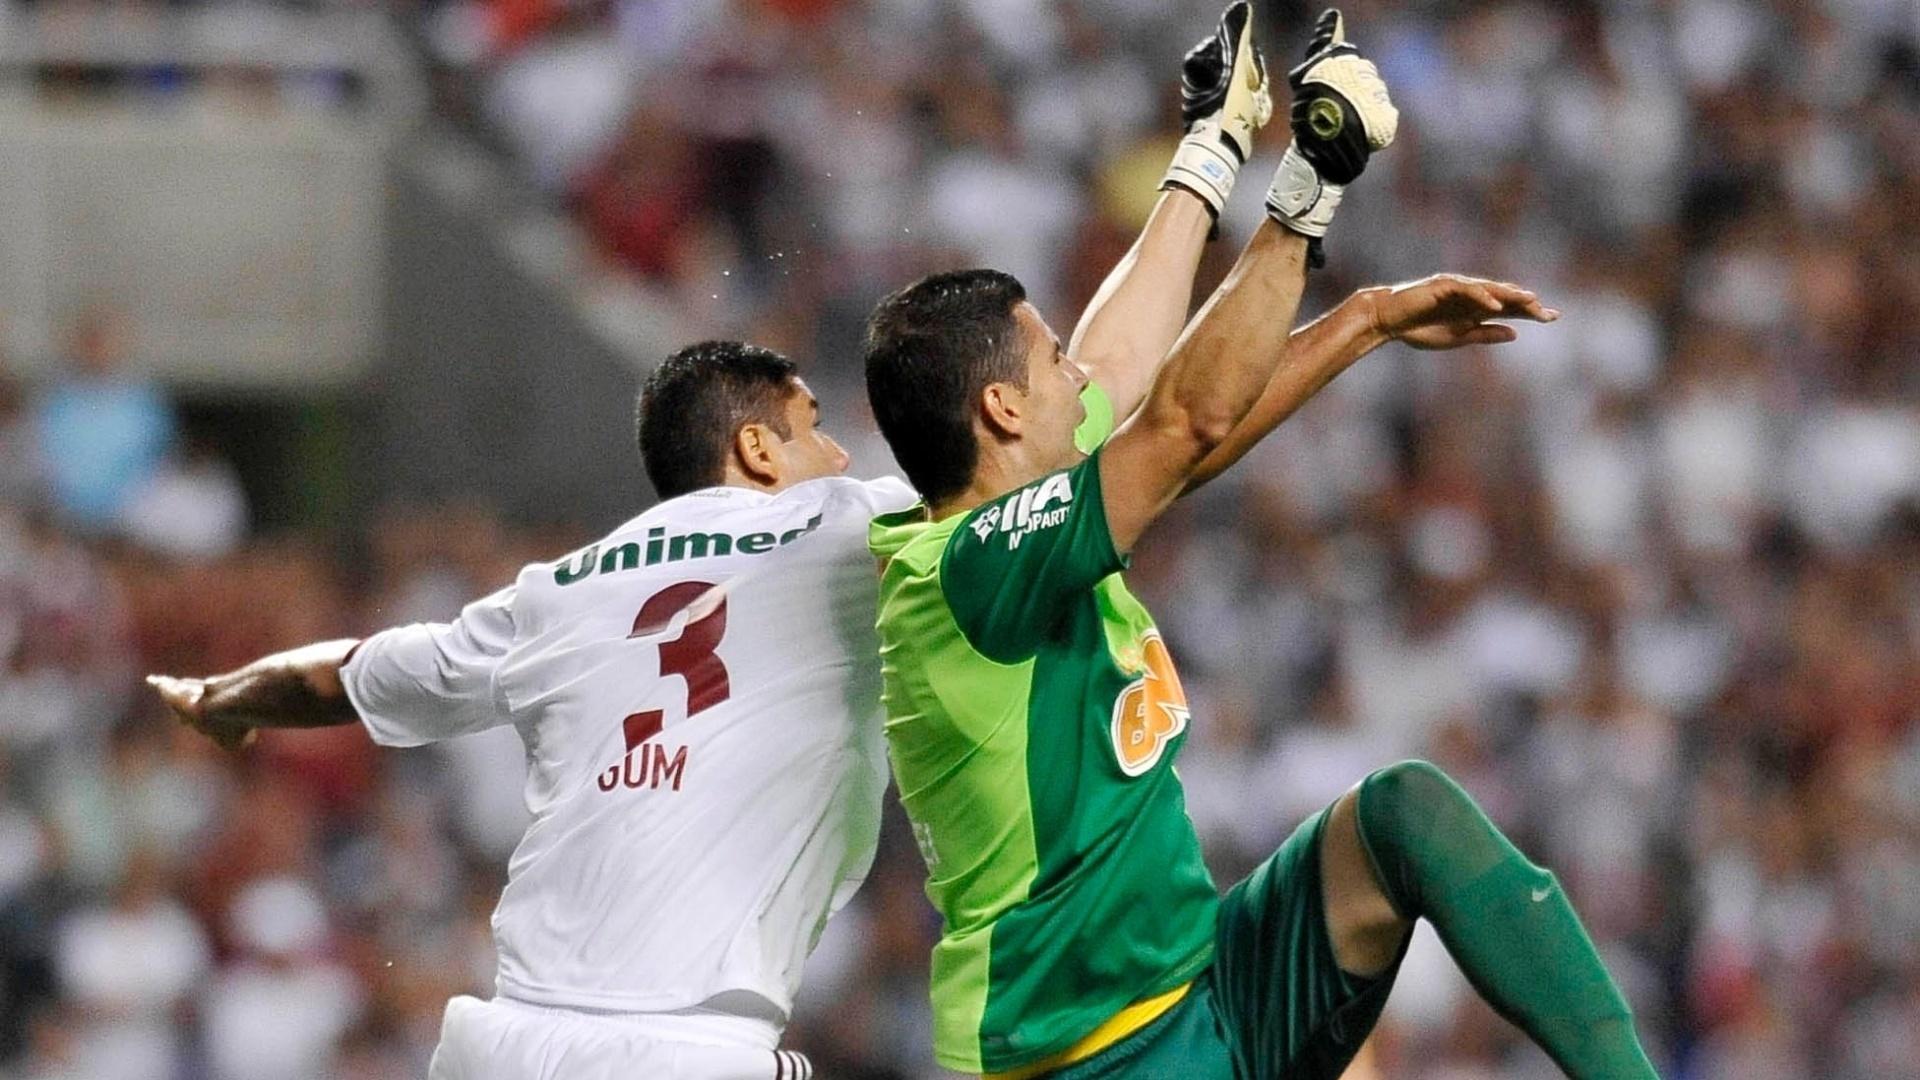 Gum e Vanderlei disputam pela bola durante a partida entre Fluminense e Coritiba no Engenhão